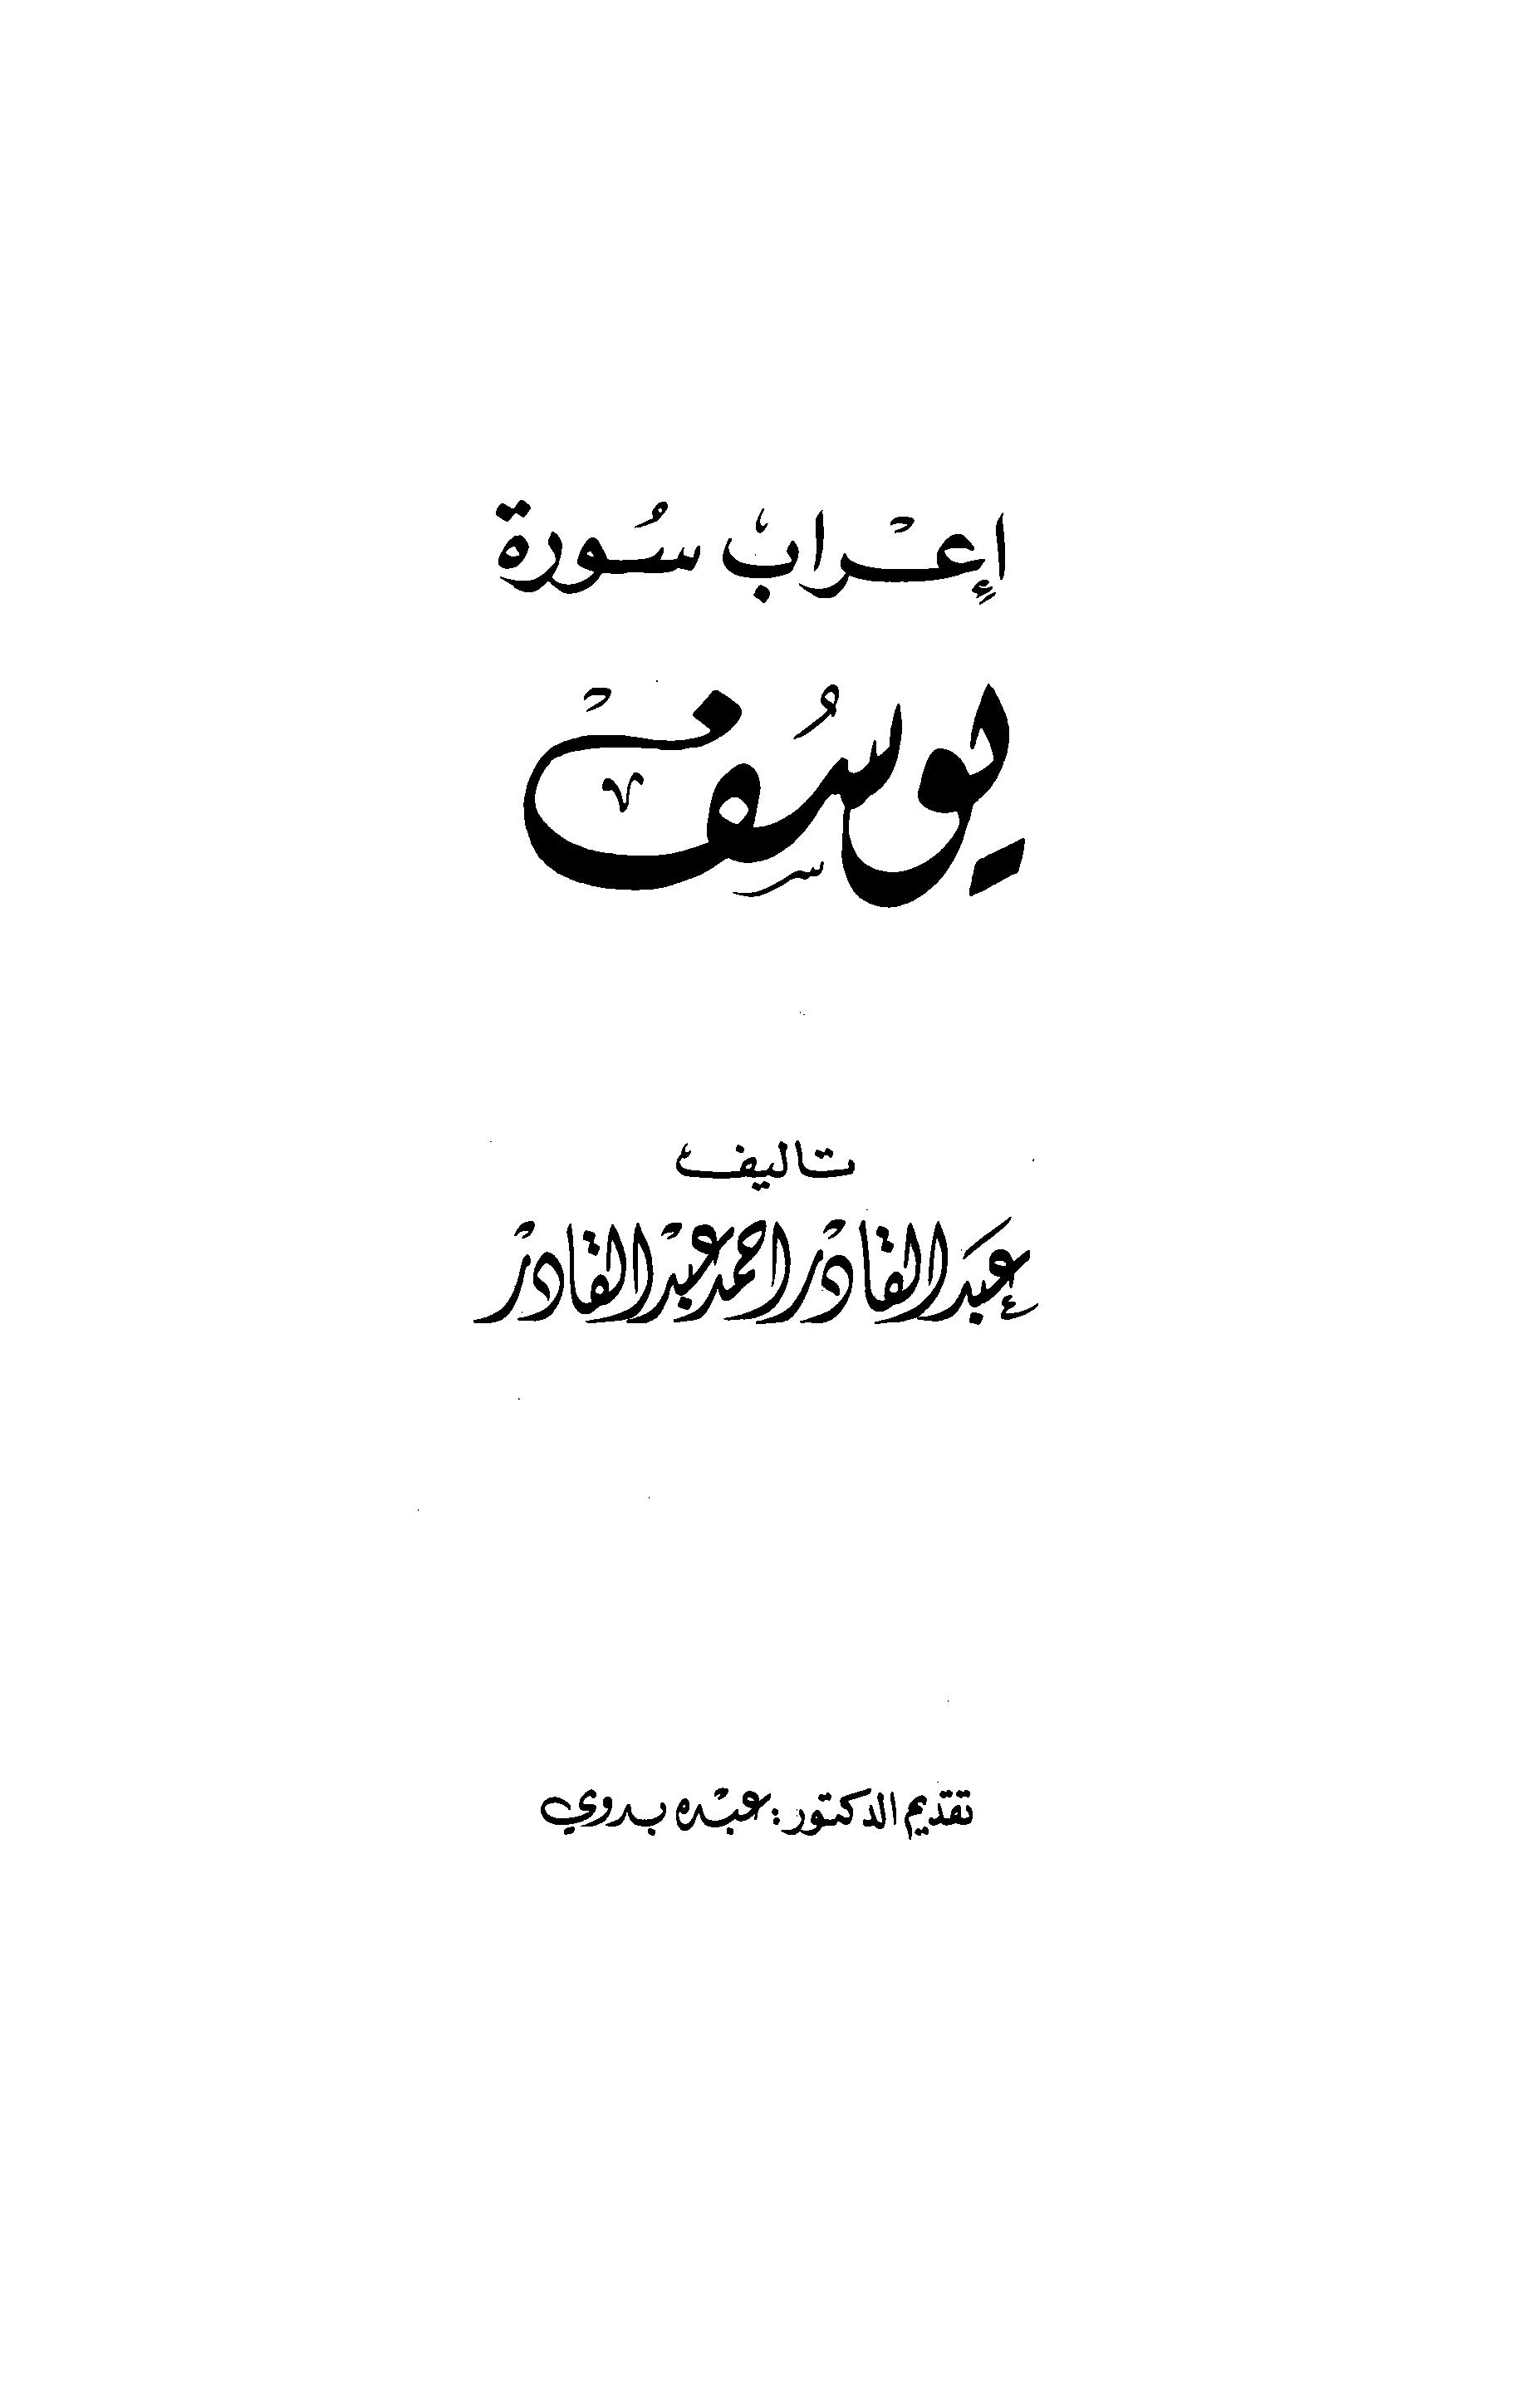 تحميل كتاب إعراب سورة يوسف لـِ: عبد القادر أحمد عبد القادر